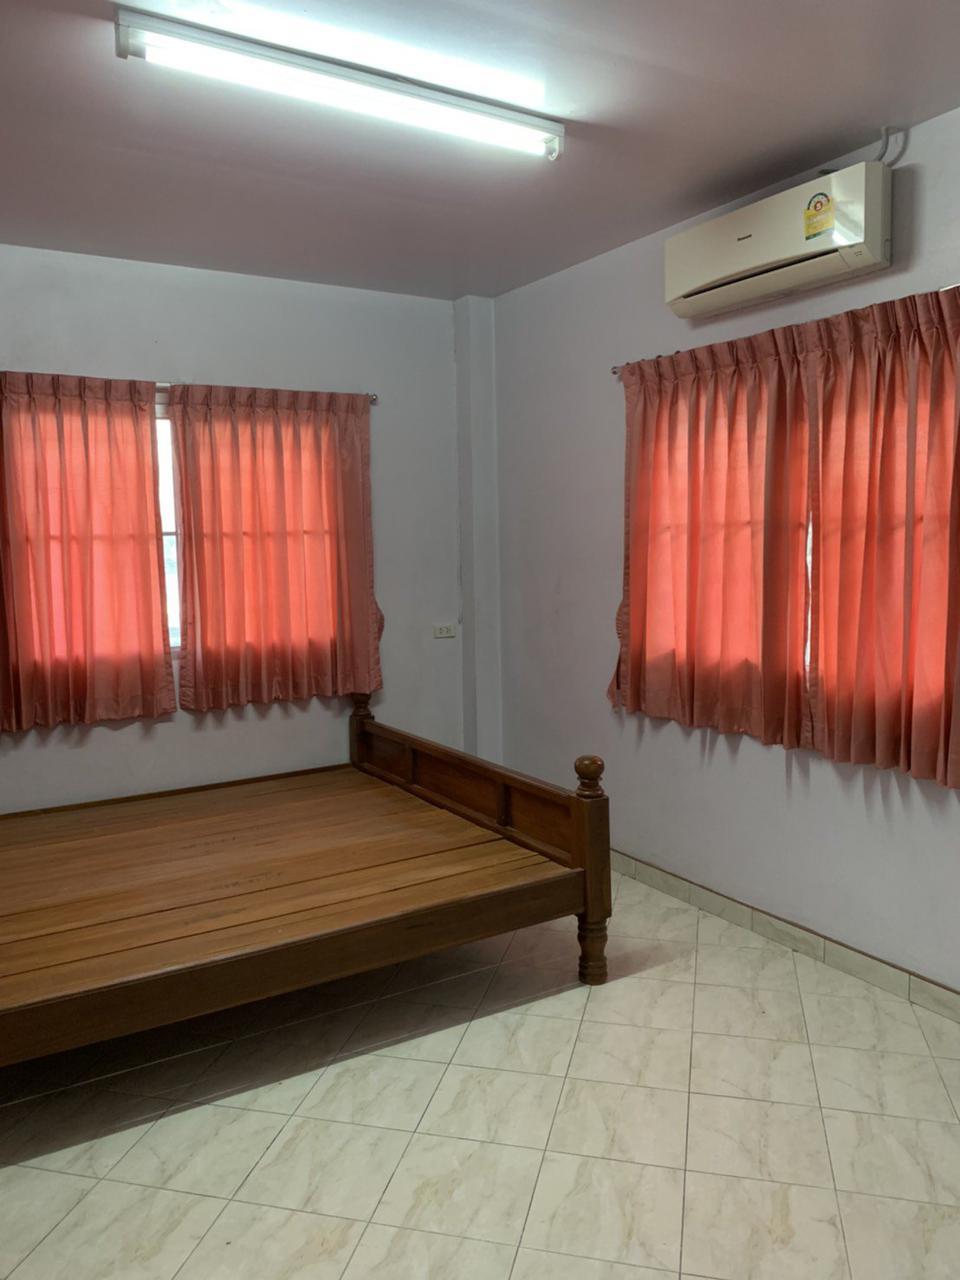 ให้เช่าบ้านเดี่ยว 2 ชั้นซอยนวลจันทร์ 4 ห้องนอน 2 ห้องน้ำ รูปที่ 4